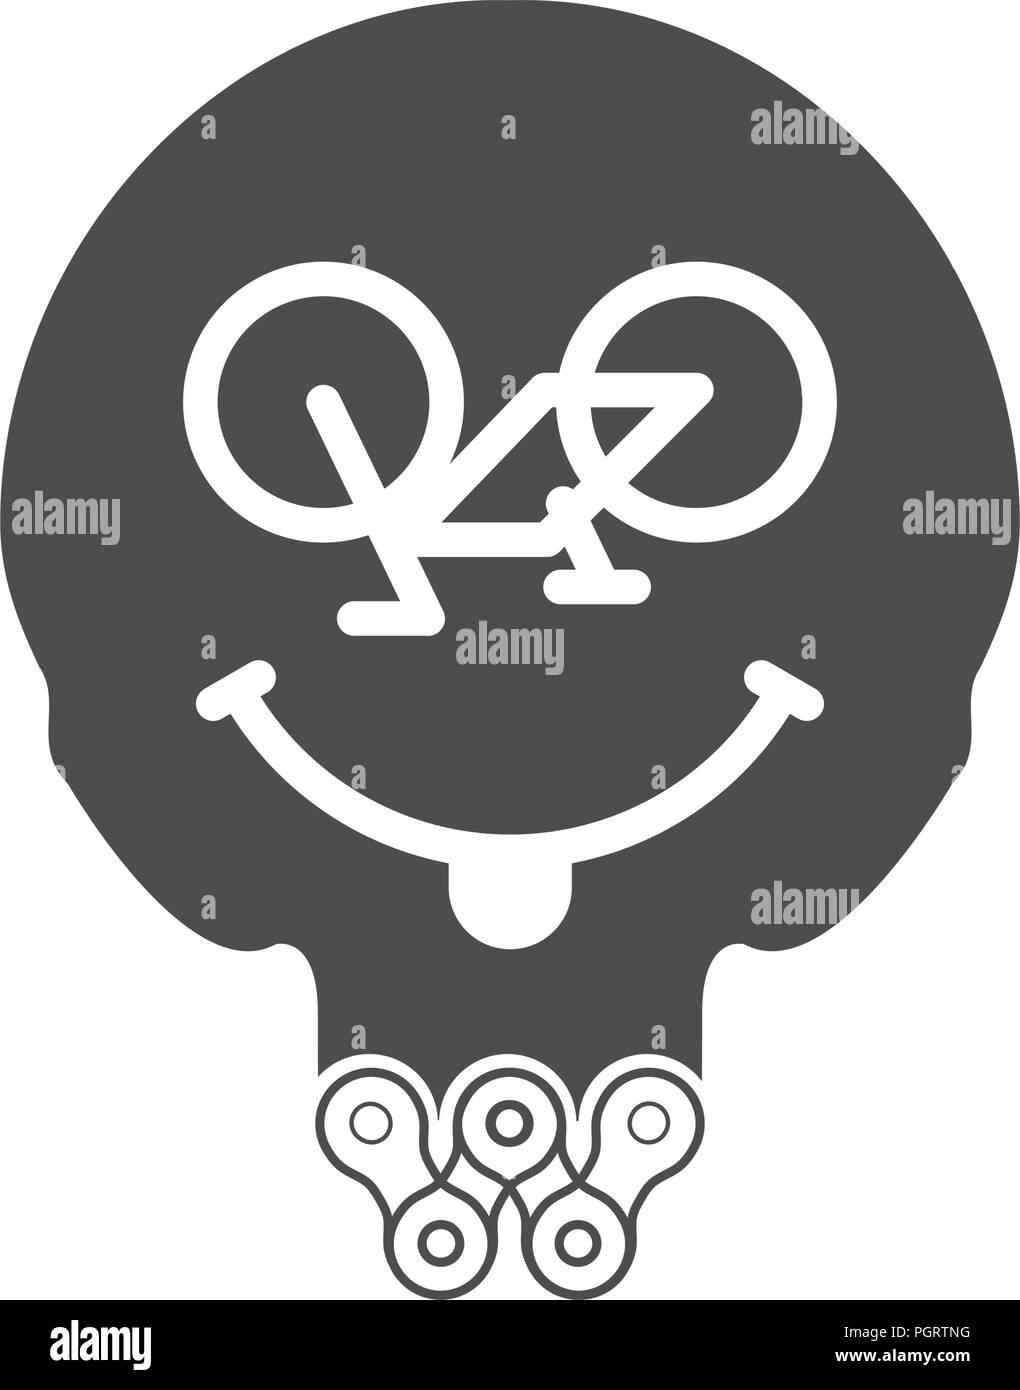 Ciclismo sonrisa, positiva o Sonriente Cara Sonriente. Icono de vector de cráneo con barba de bicicleta o cadena de bicicleta. T-shirt de impresión monocromo. Ilustración del Vector